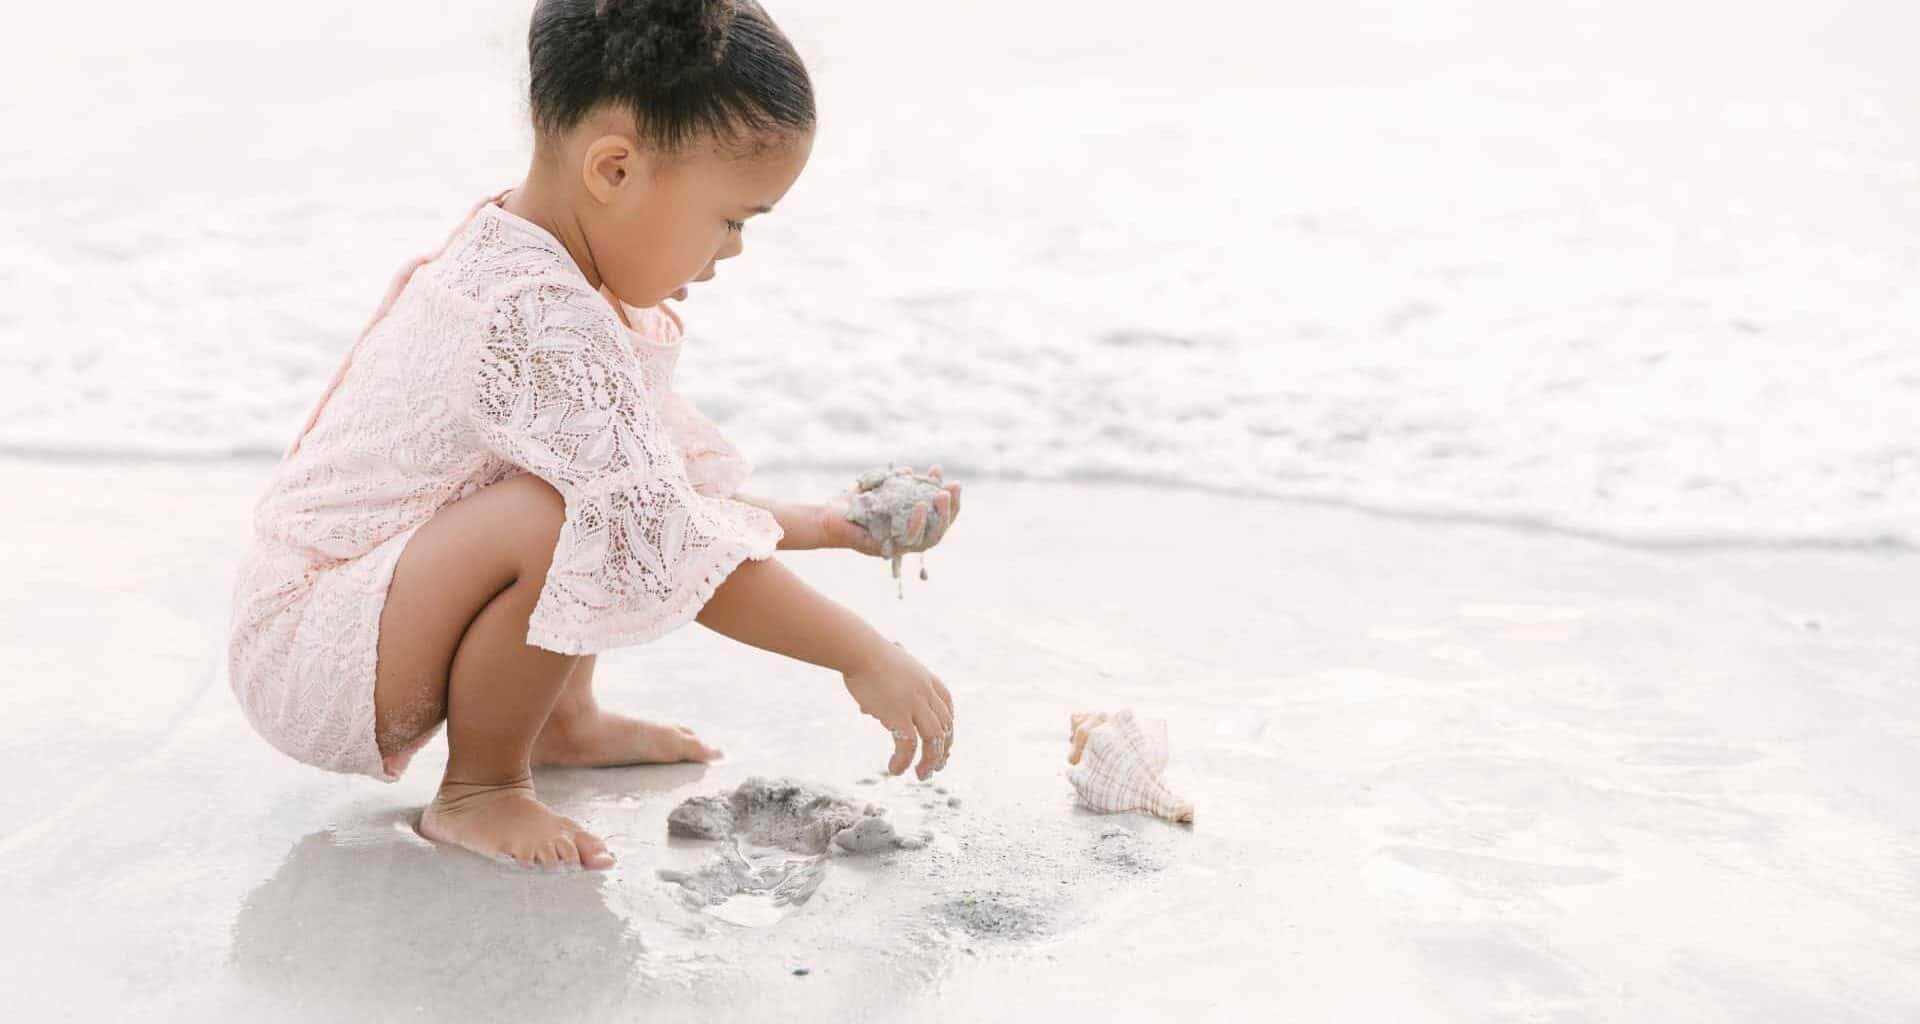 non-toxic baby sunscreen